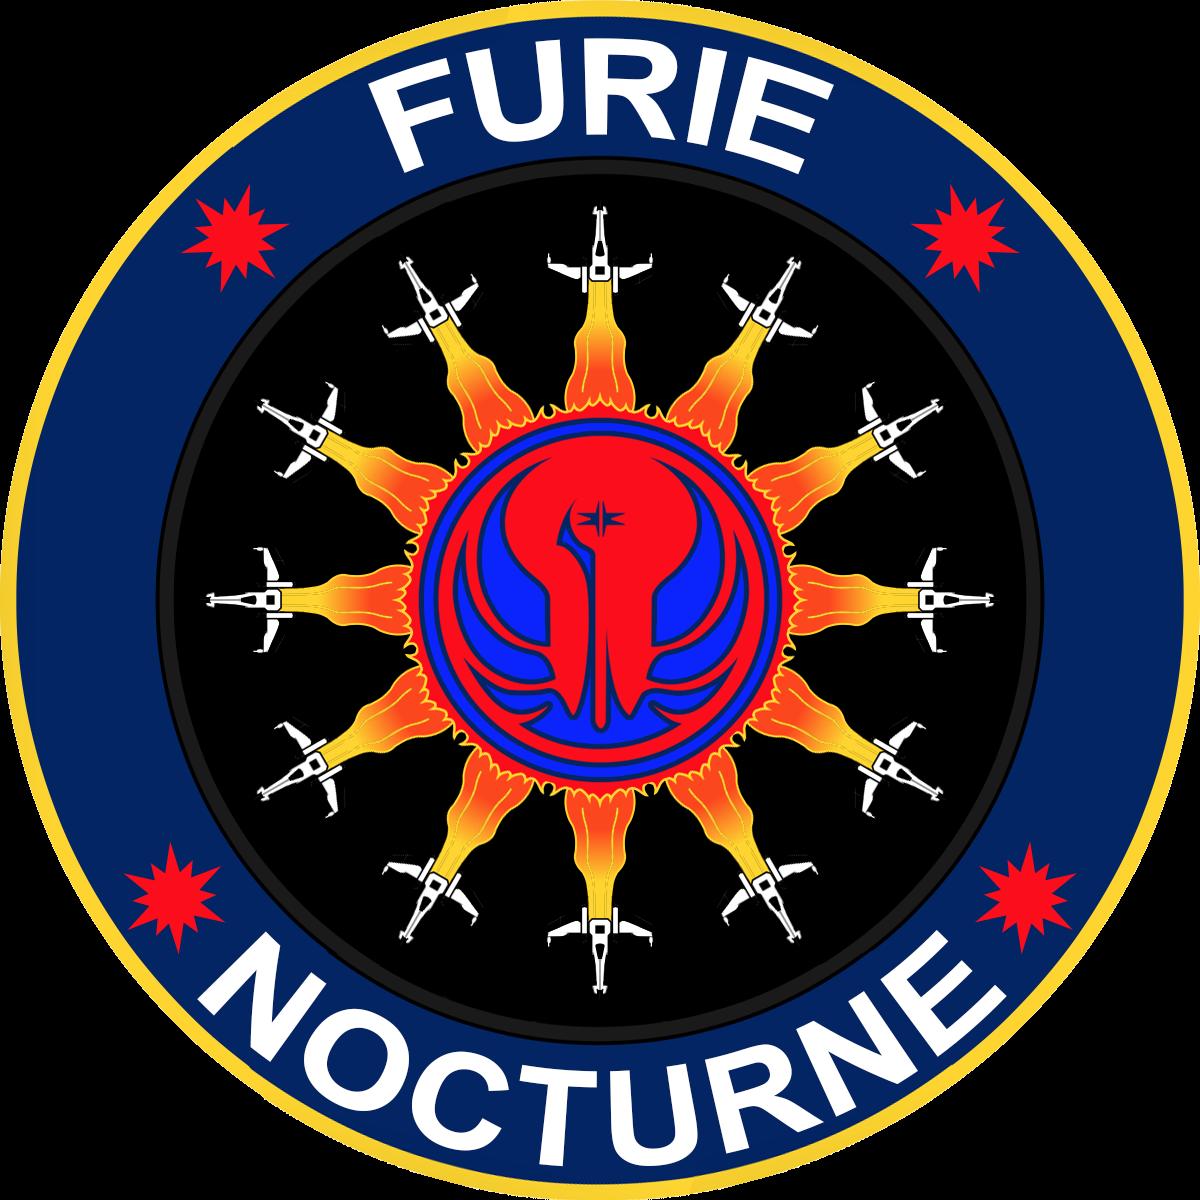 Un logo pour l'escadron ? Logo_Escadron_Furie_Nocturne